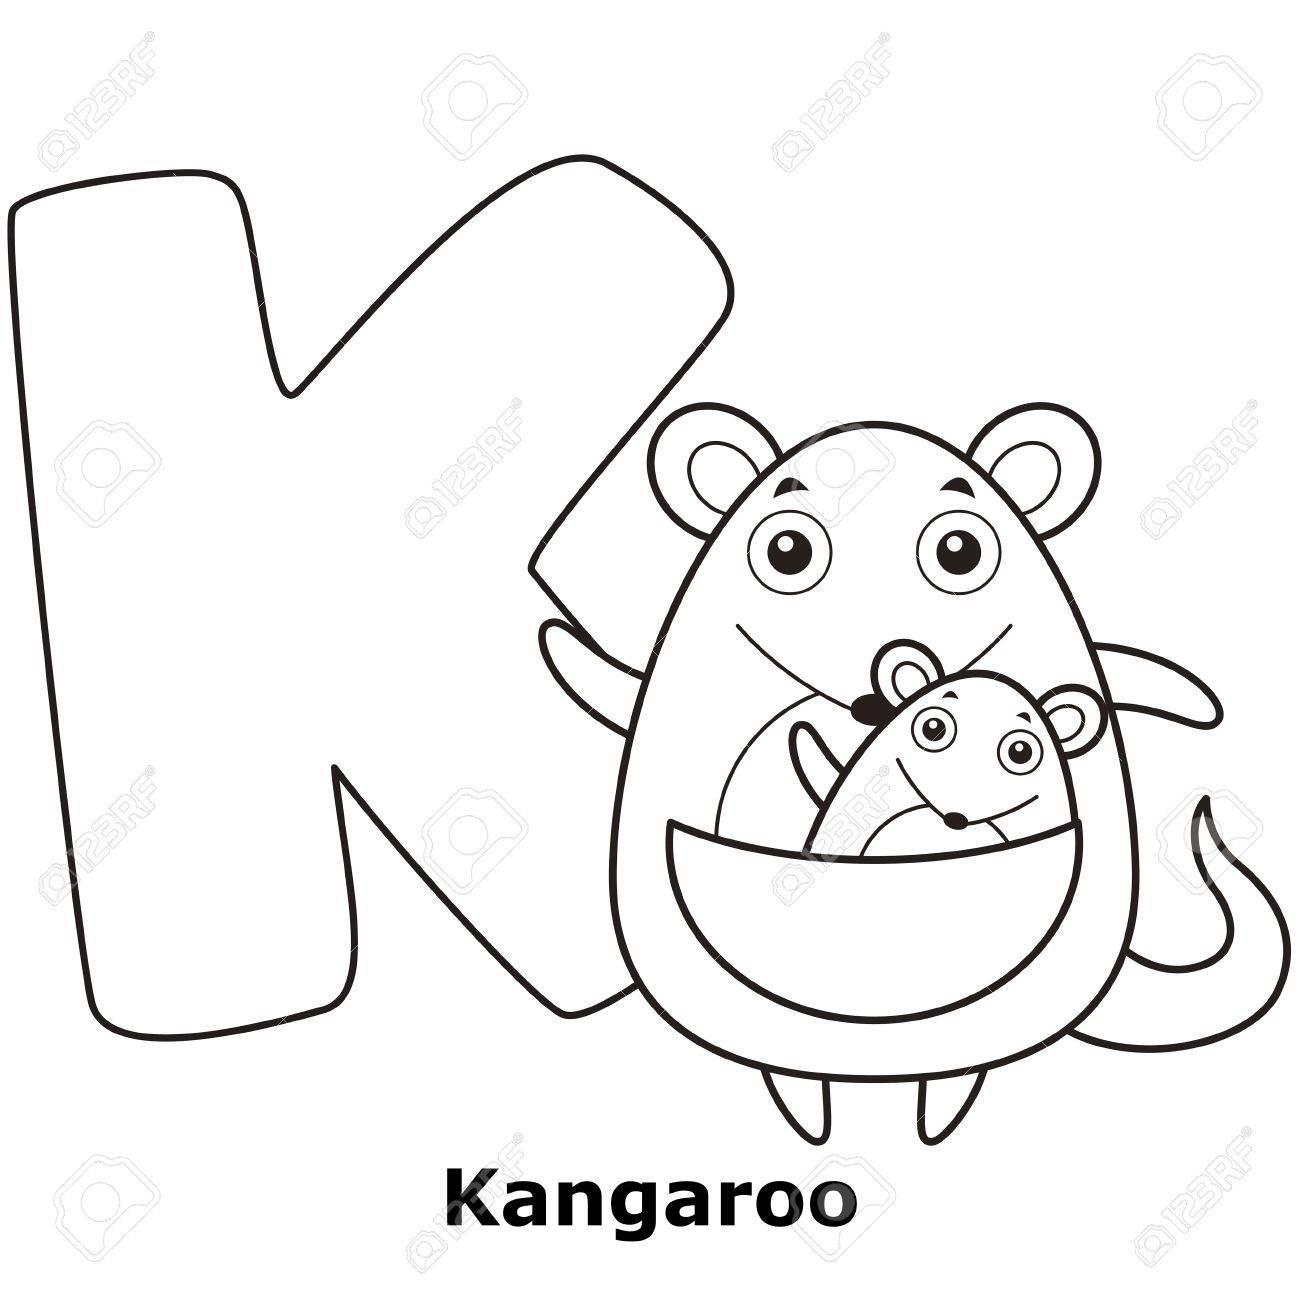 Malvorlagen Alphabet For Kids, K Mit Känguru. Lizenzfrei Nutzbare ...